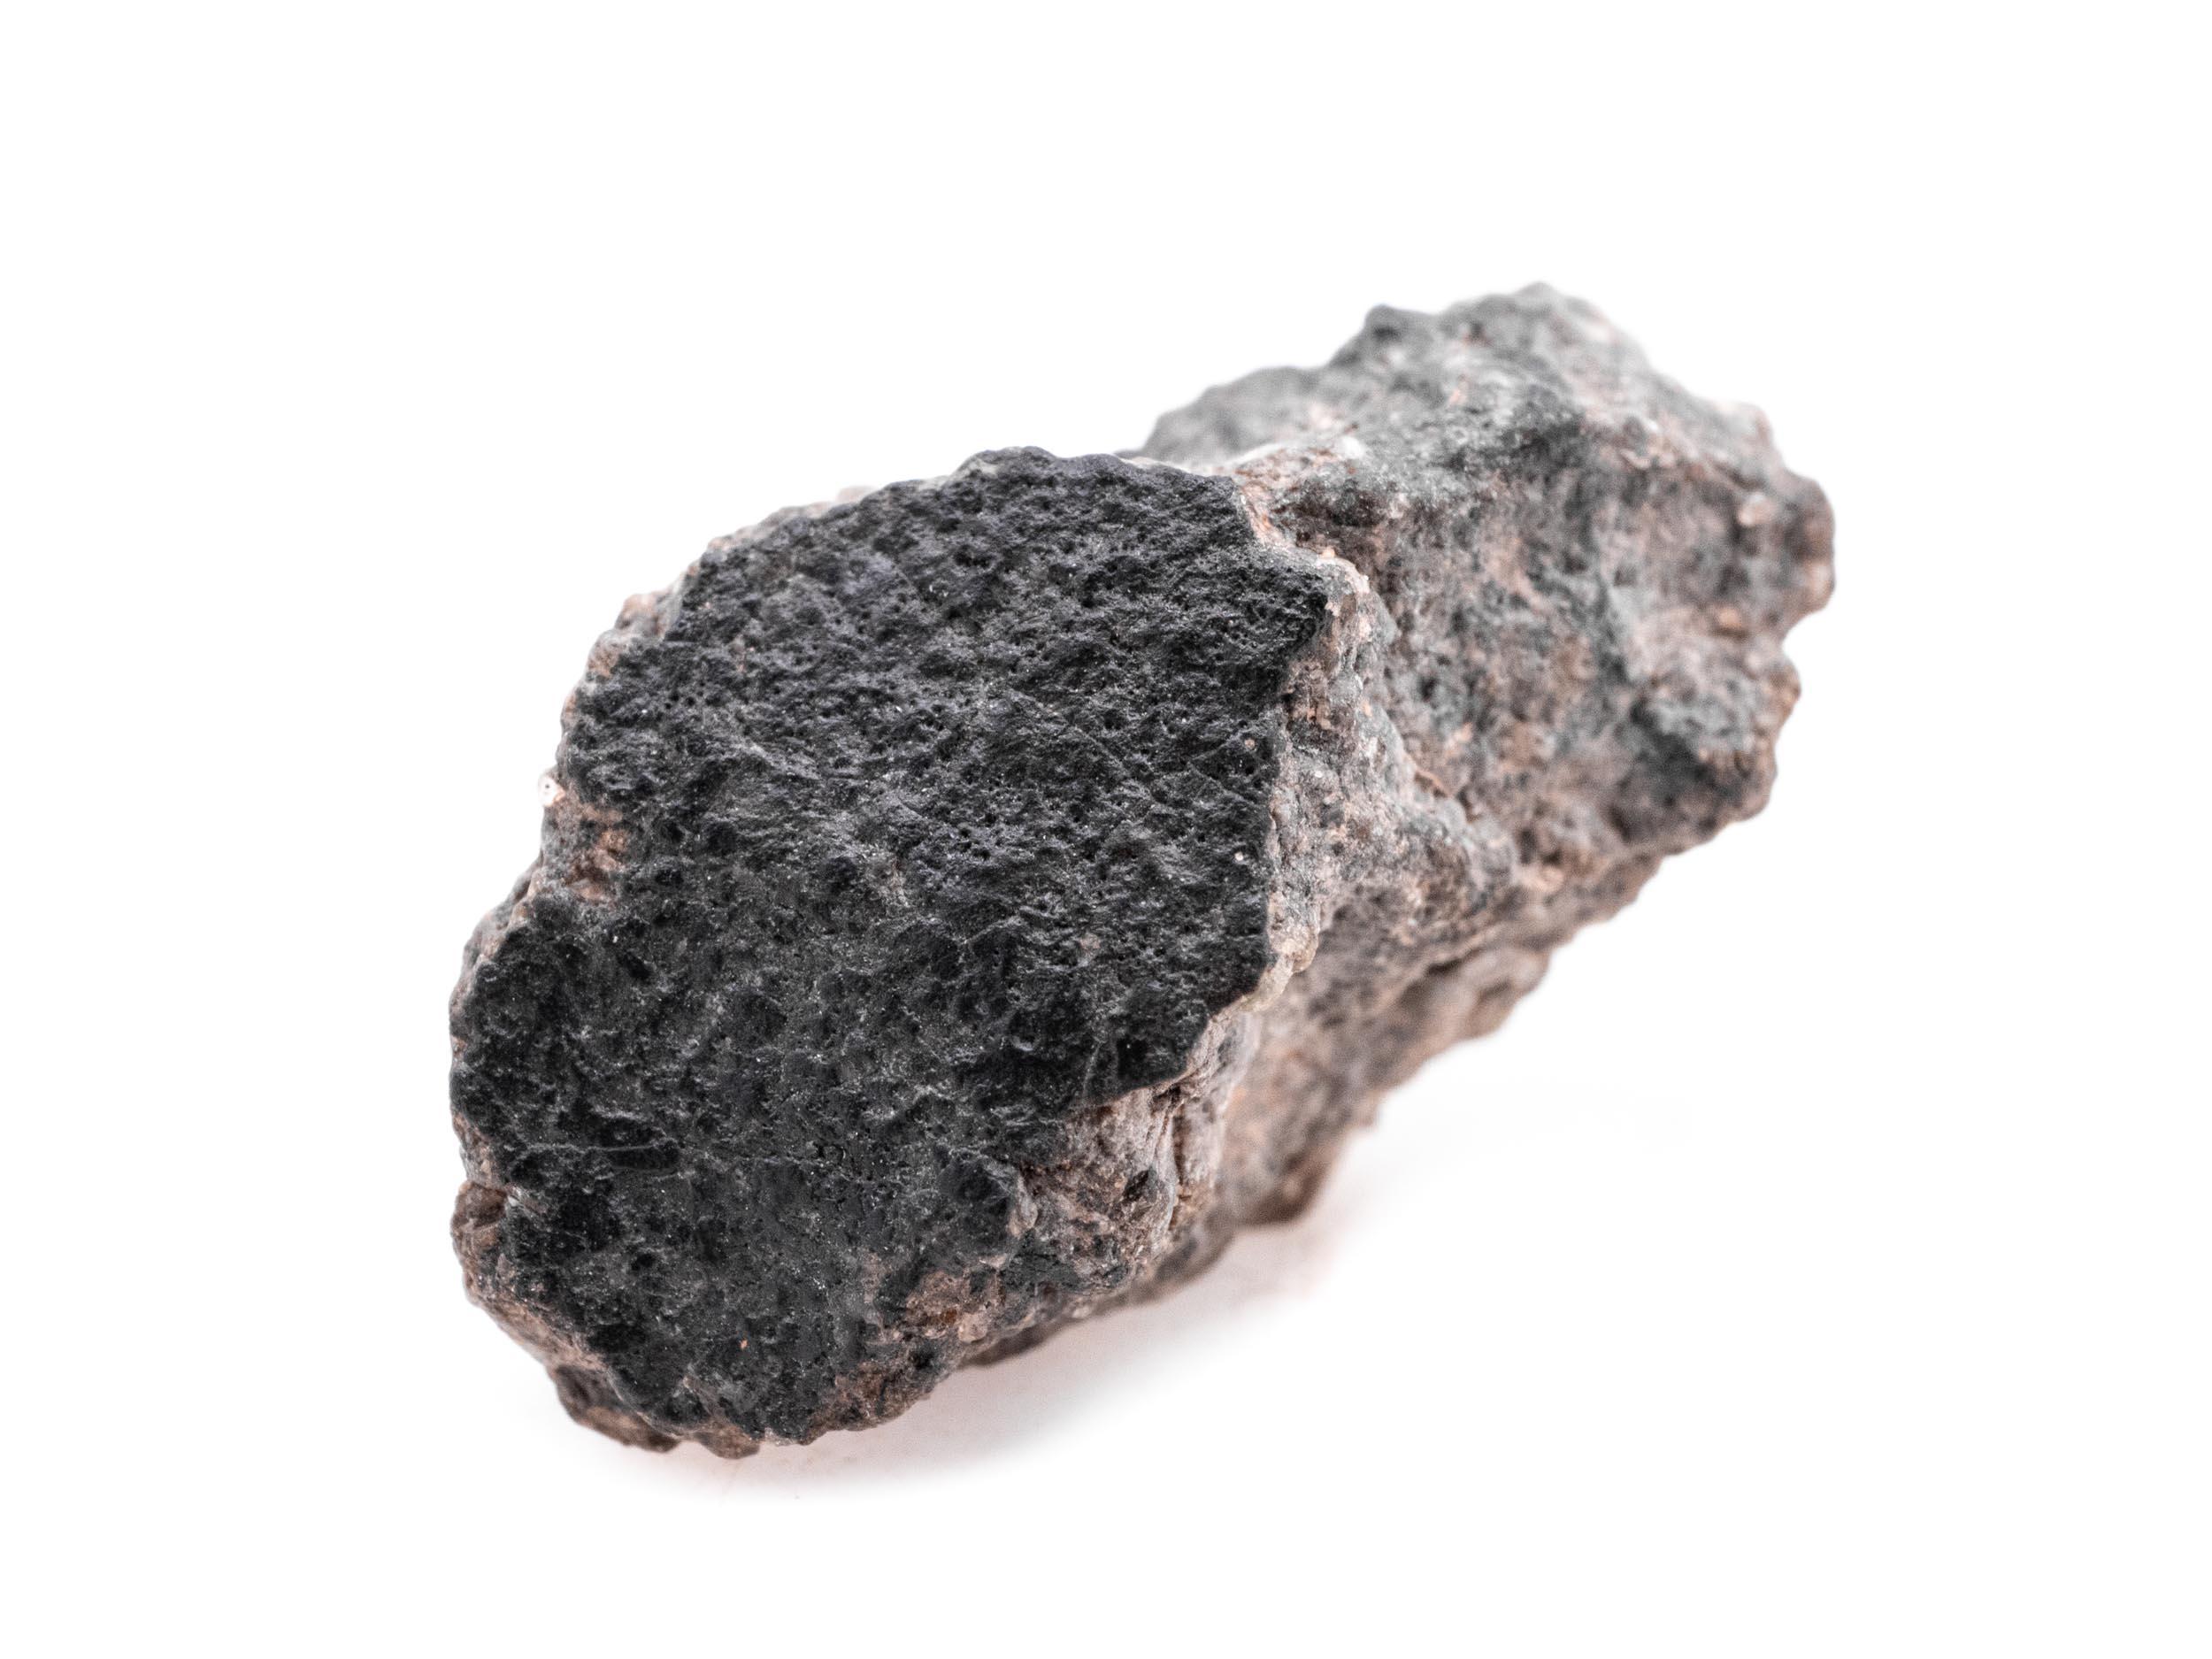 mars meteorite 2 4 g